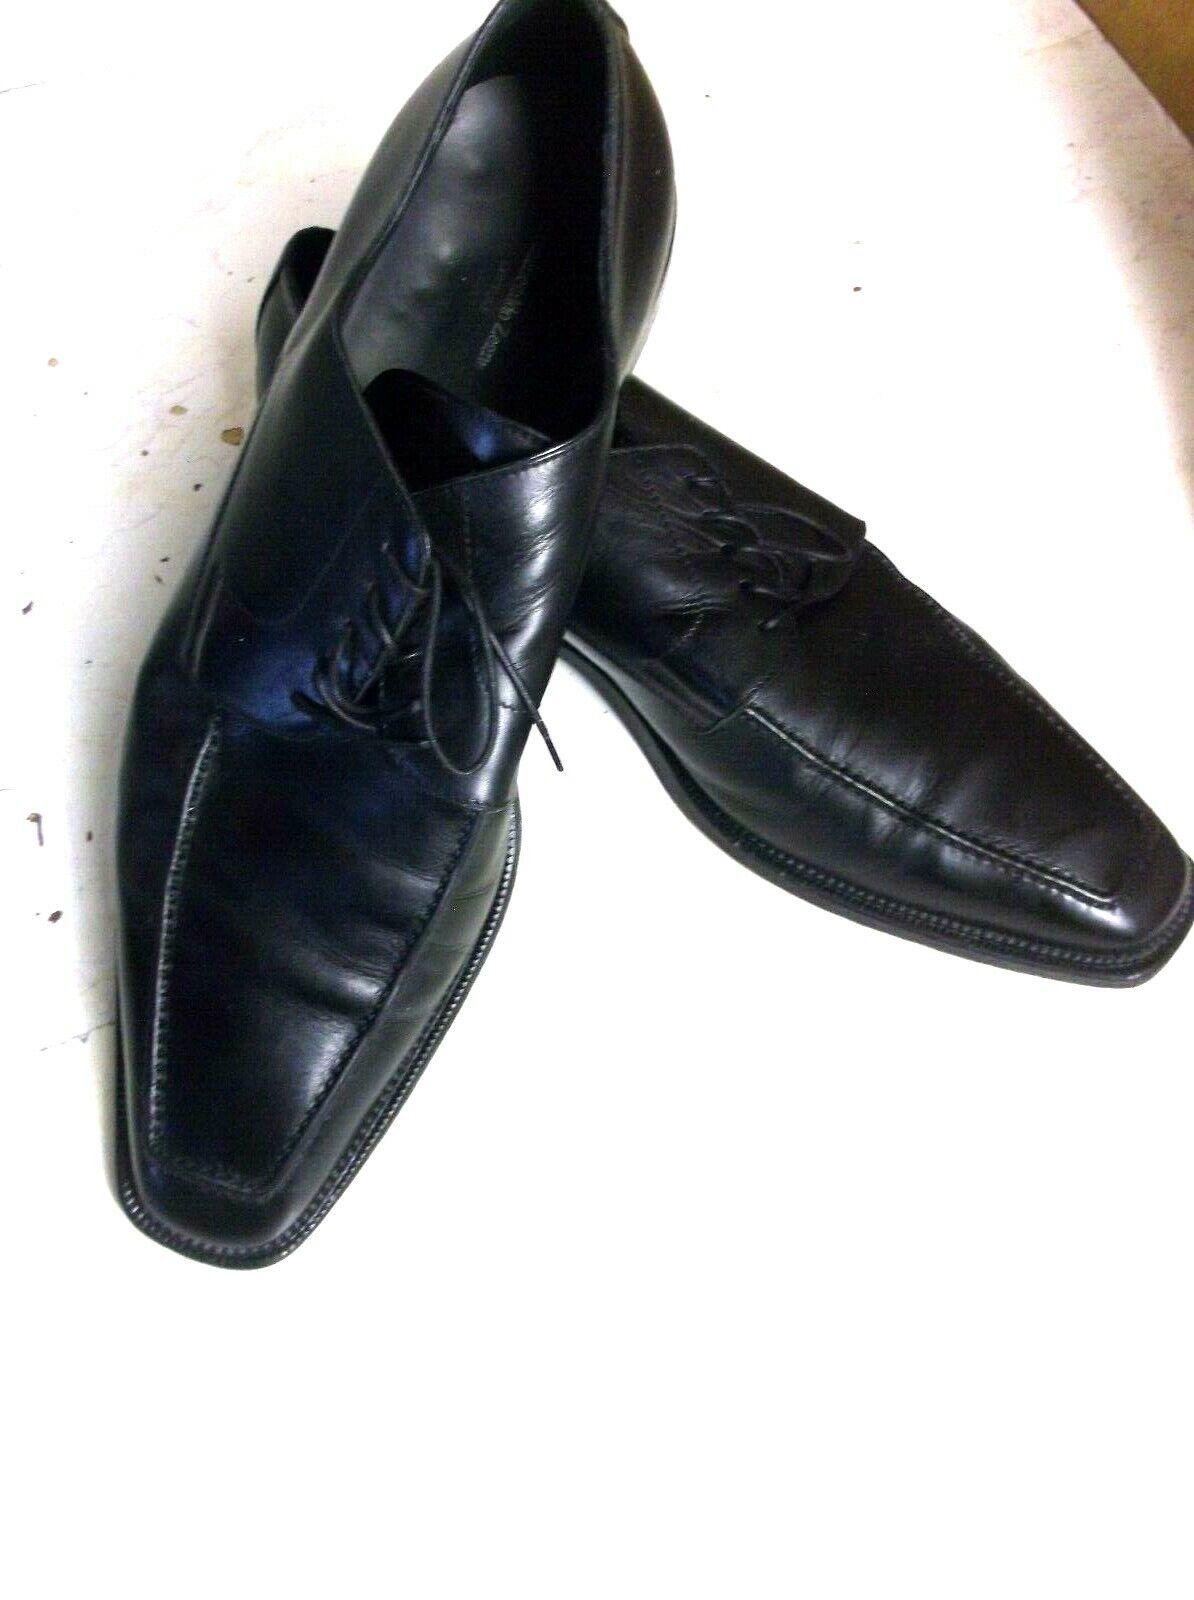 Nuova lista ERMENEGILDO ZEGNA COUTURE Solid nero Leather Leather Leather Uomo Dress scarpe 12 D made italy  autorizzazione ufficiale